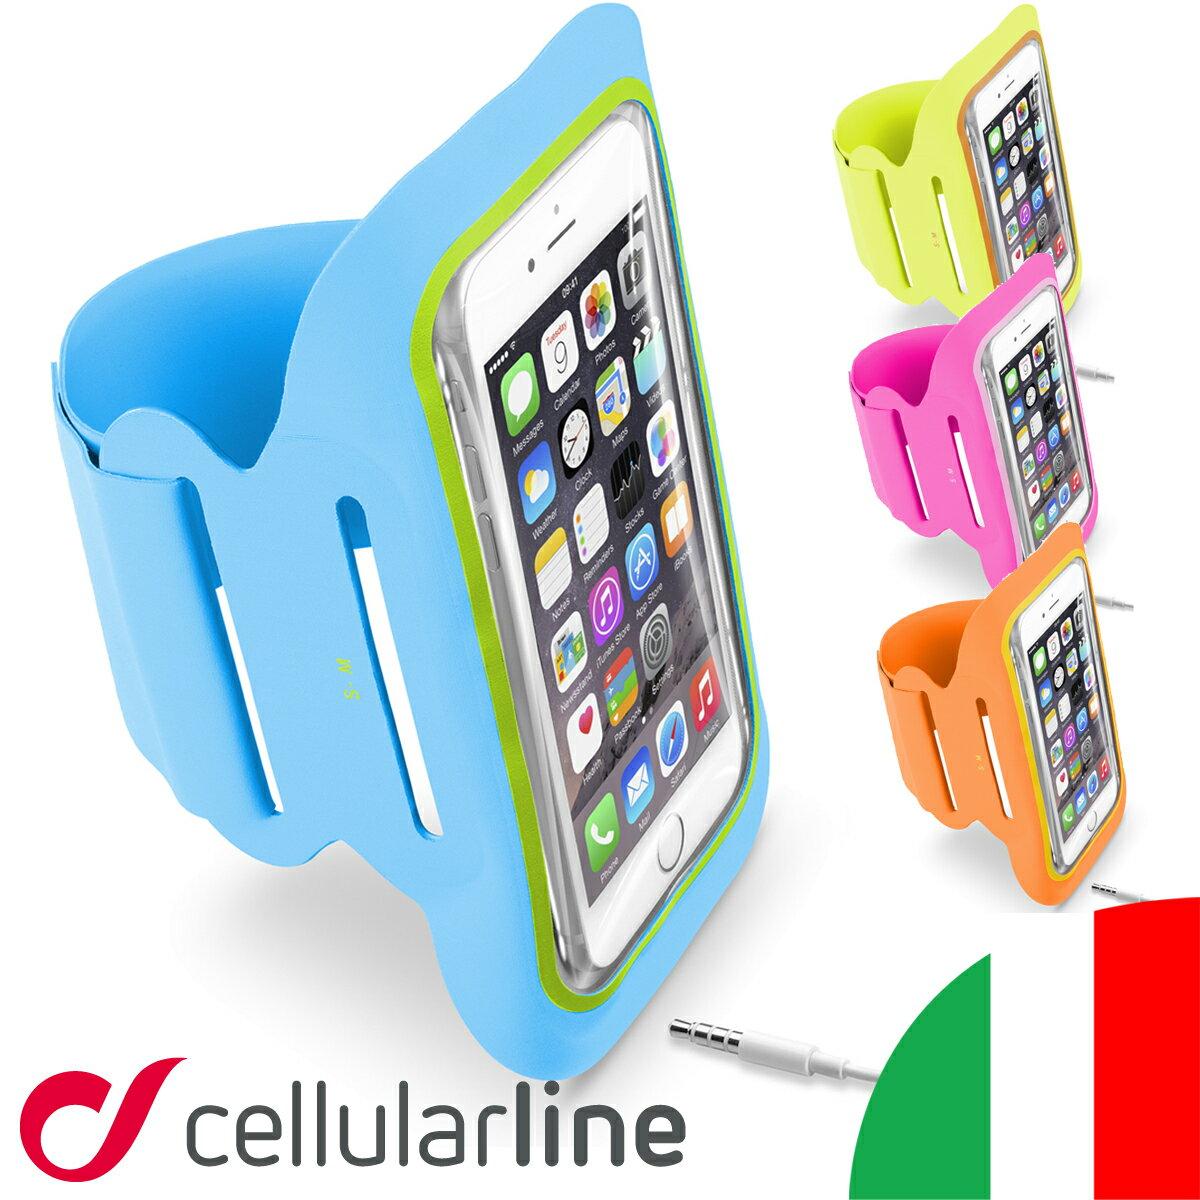 ランニング・マラソン, その他  iPhone7 iPhone7 7 iPhone6s Plus Xperia ARMBANDFIT 6s Cellularline